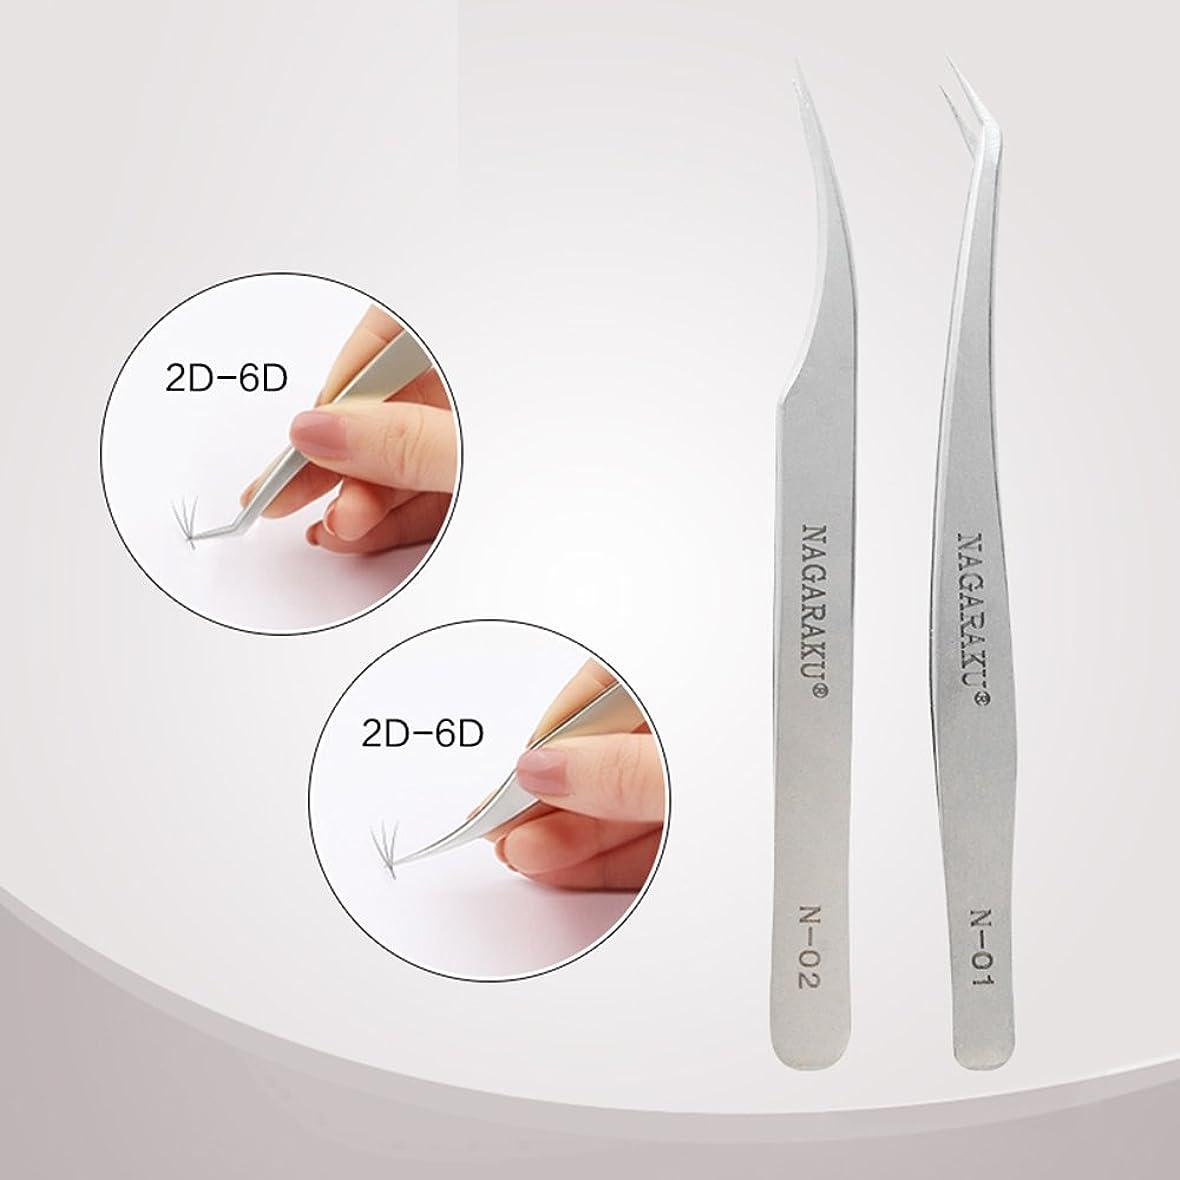 騒乱制限する月NAGARAKU 2pcs tweezers pincet for professional eyelash extension volume flower bloom eyelash tweezers stainless steel metal